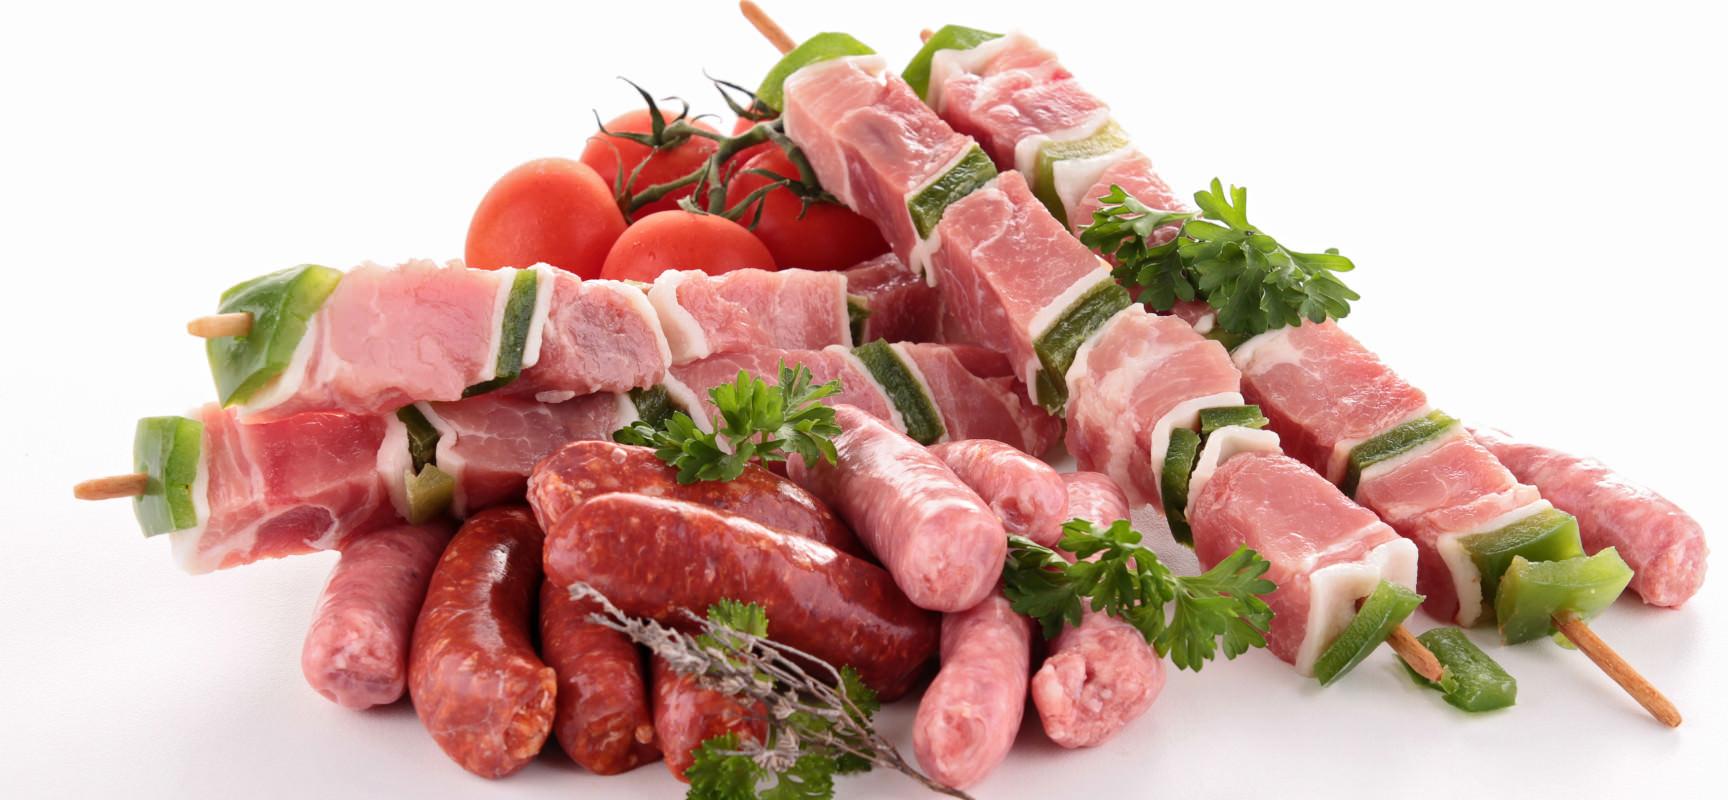 белковая диета для быстрого похудения на 20